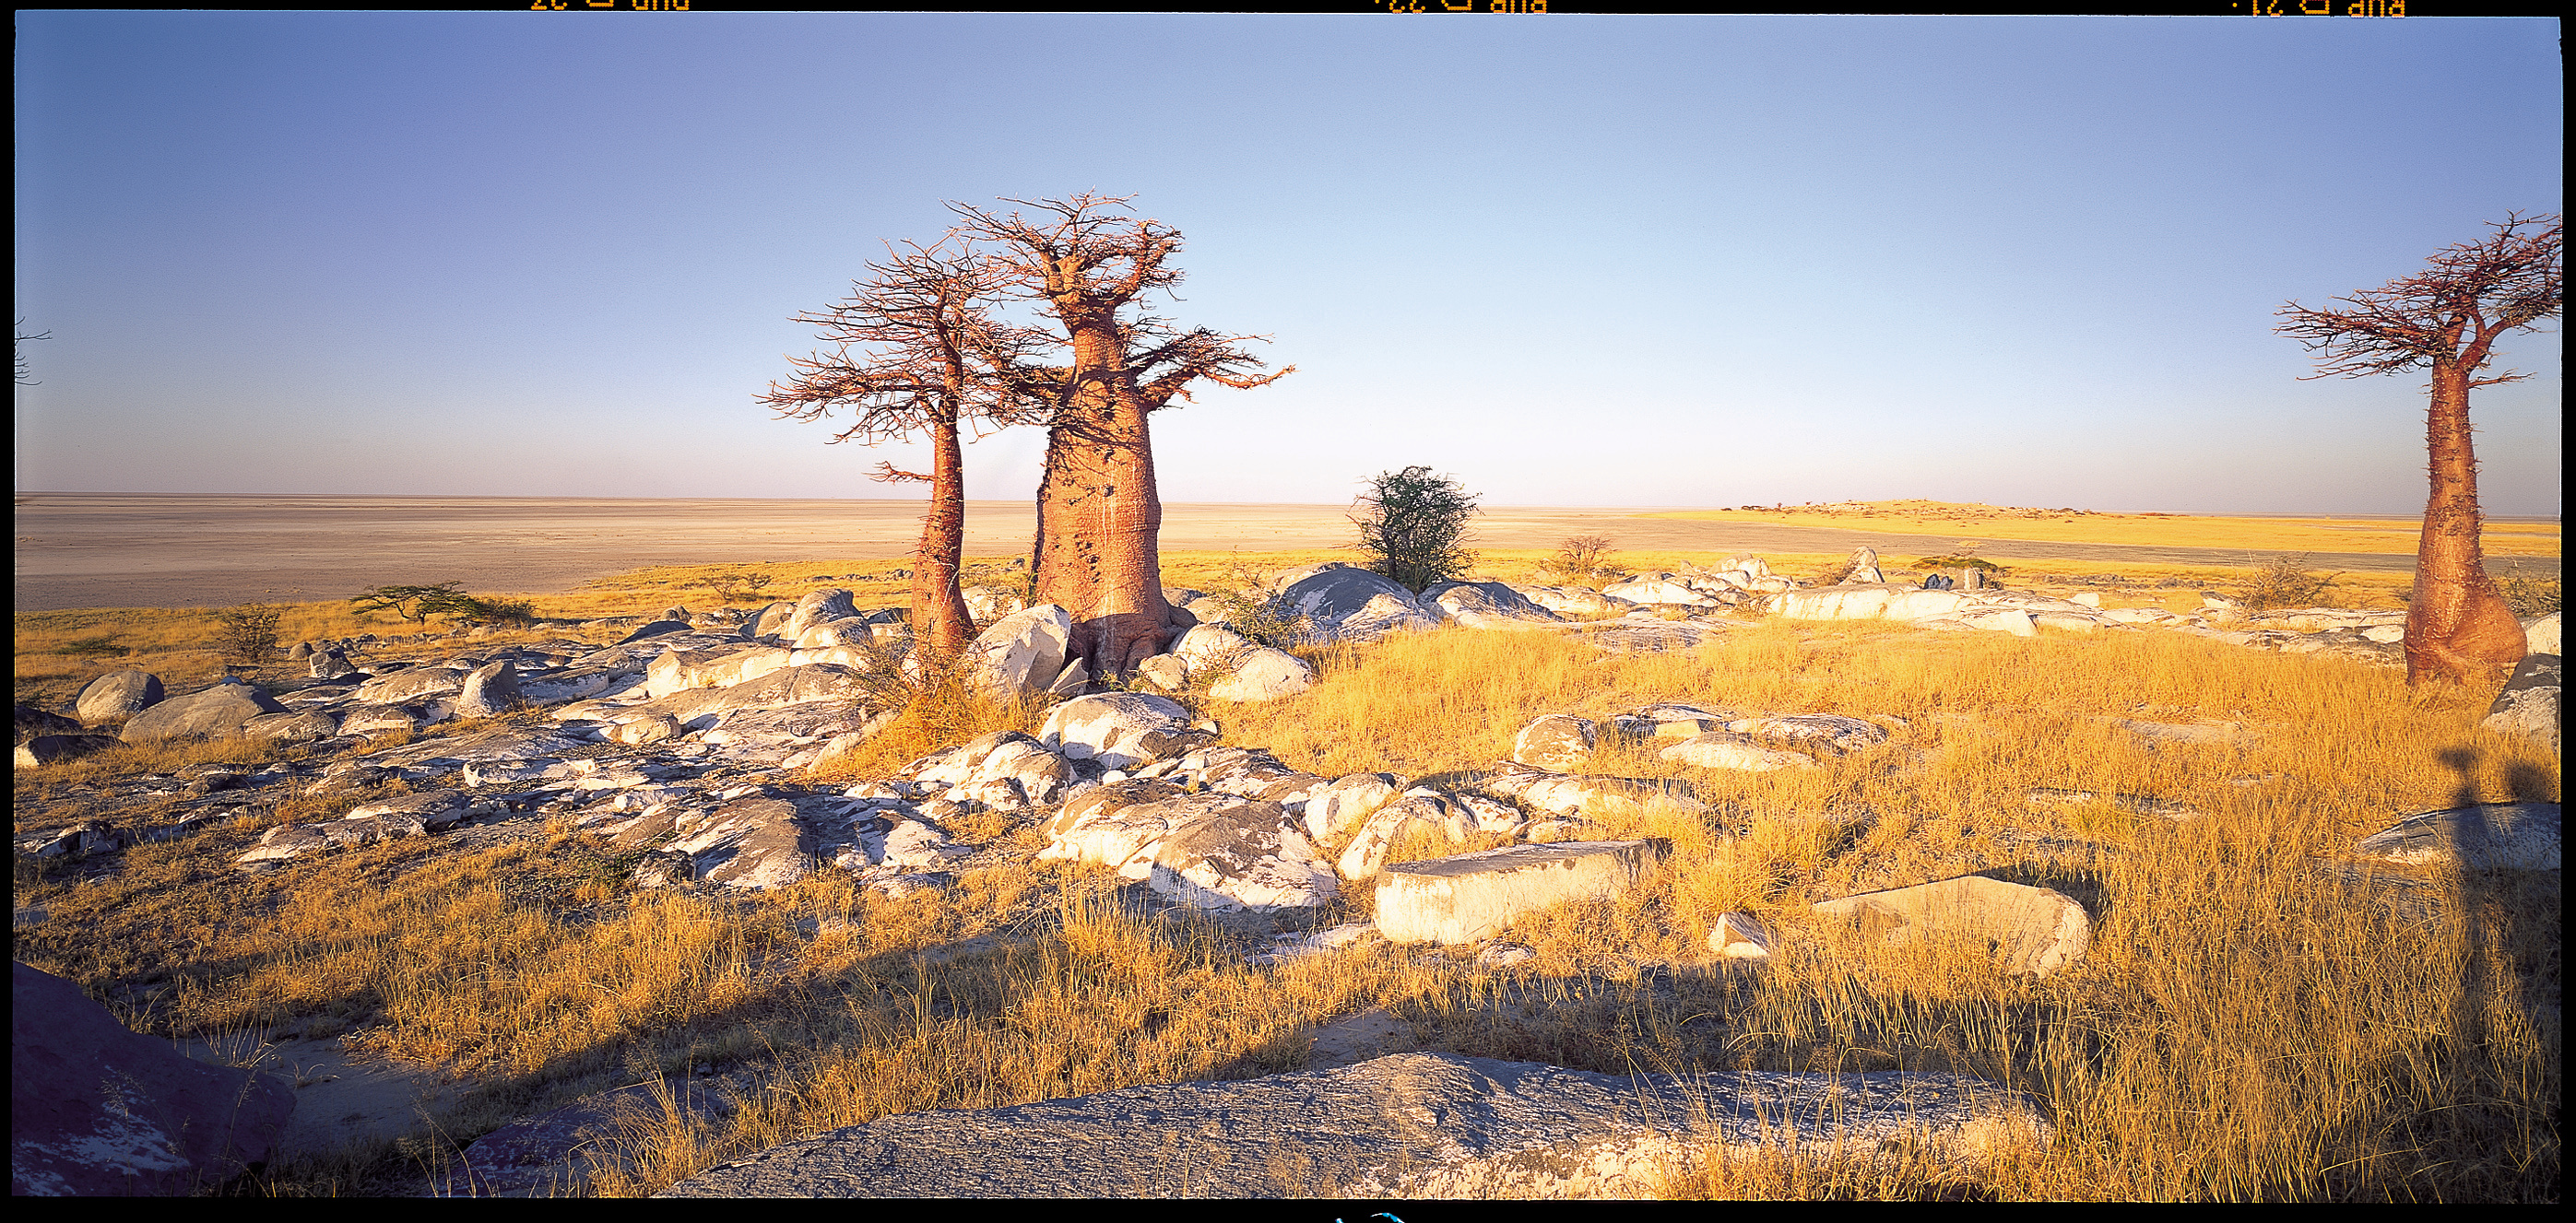 Camp_Kalahari_UA_BSC_08